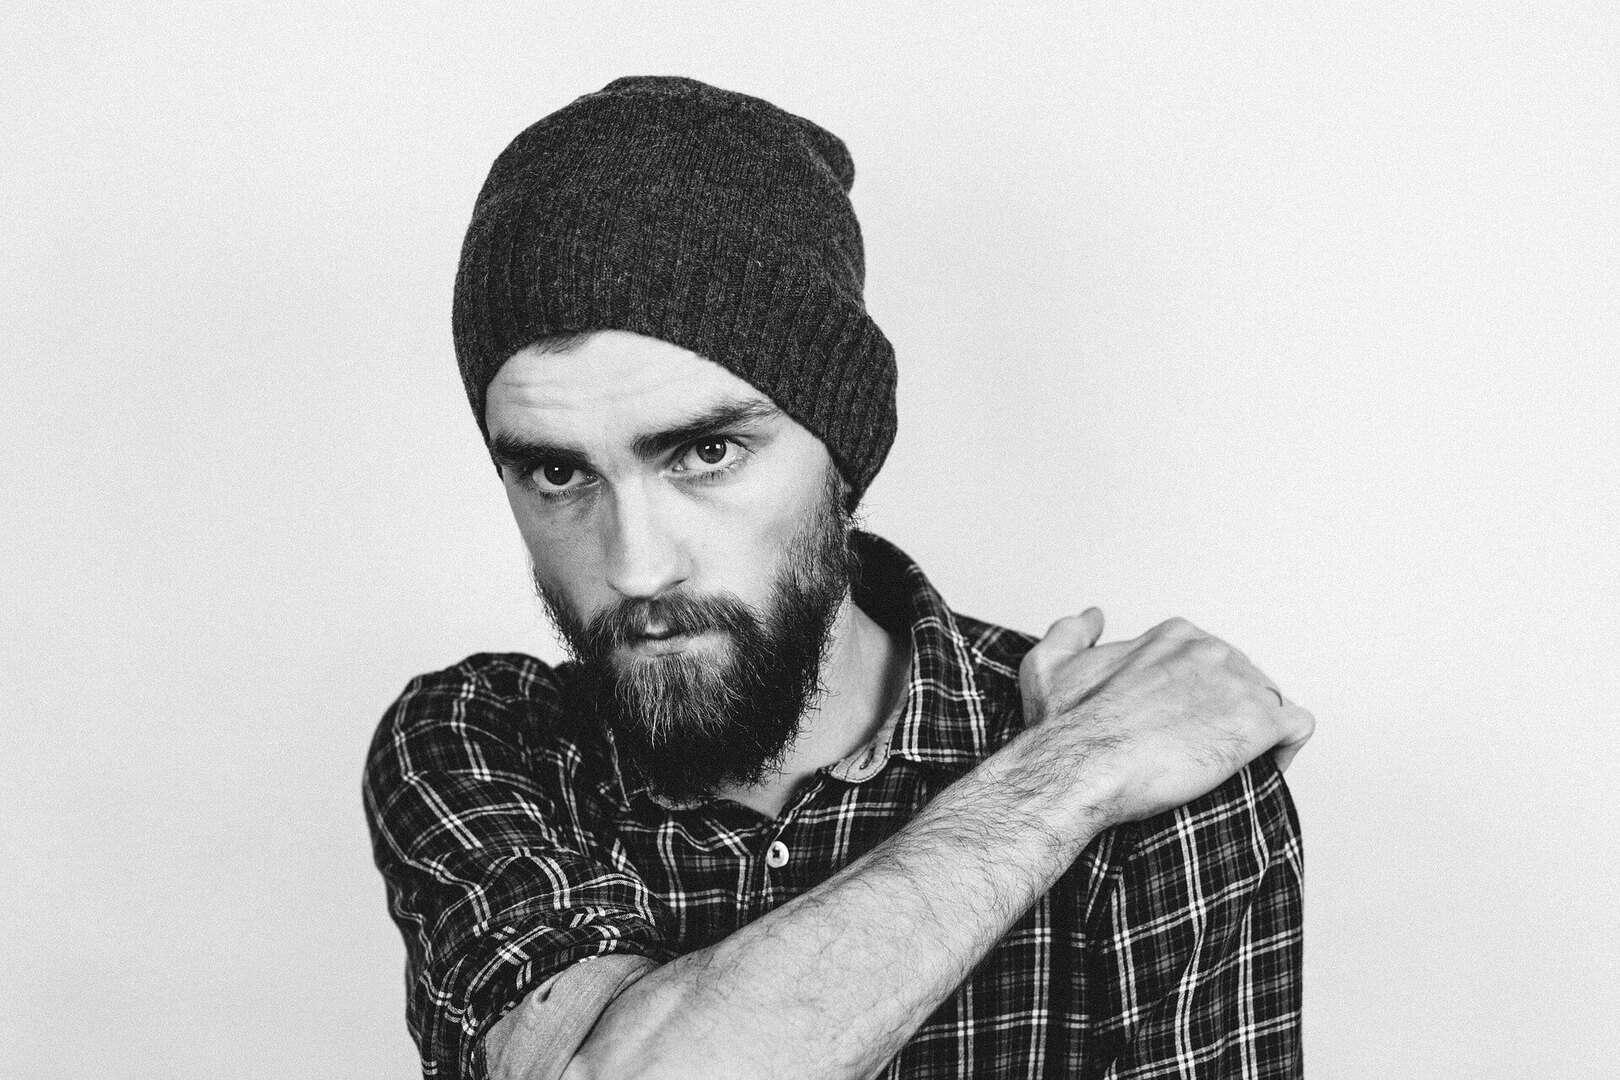 Sad man with beard